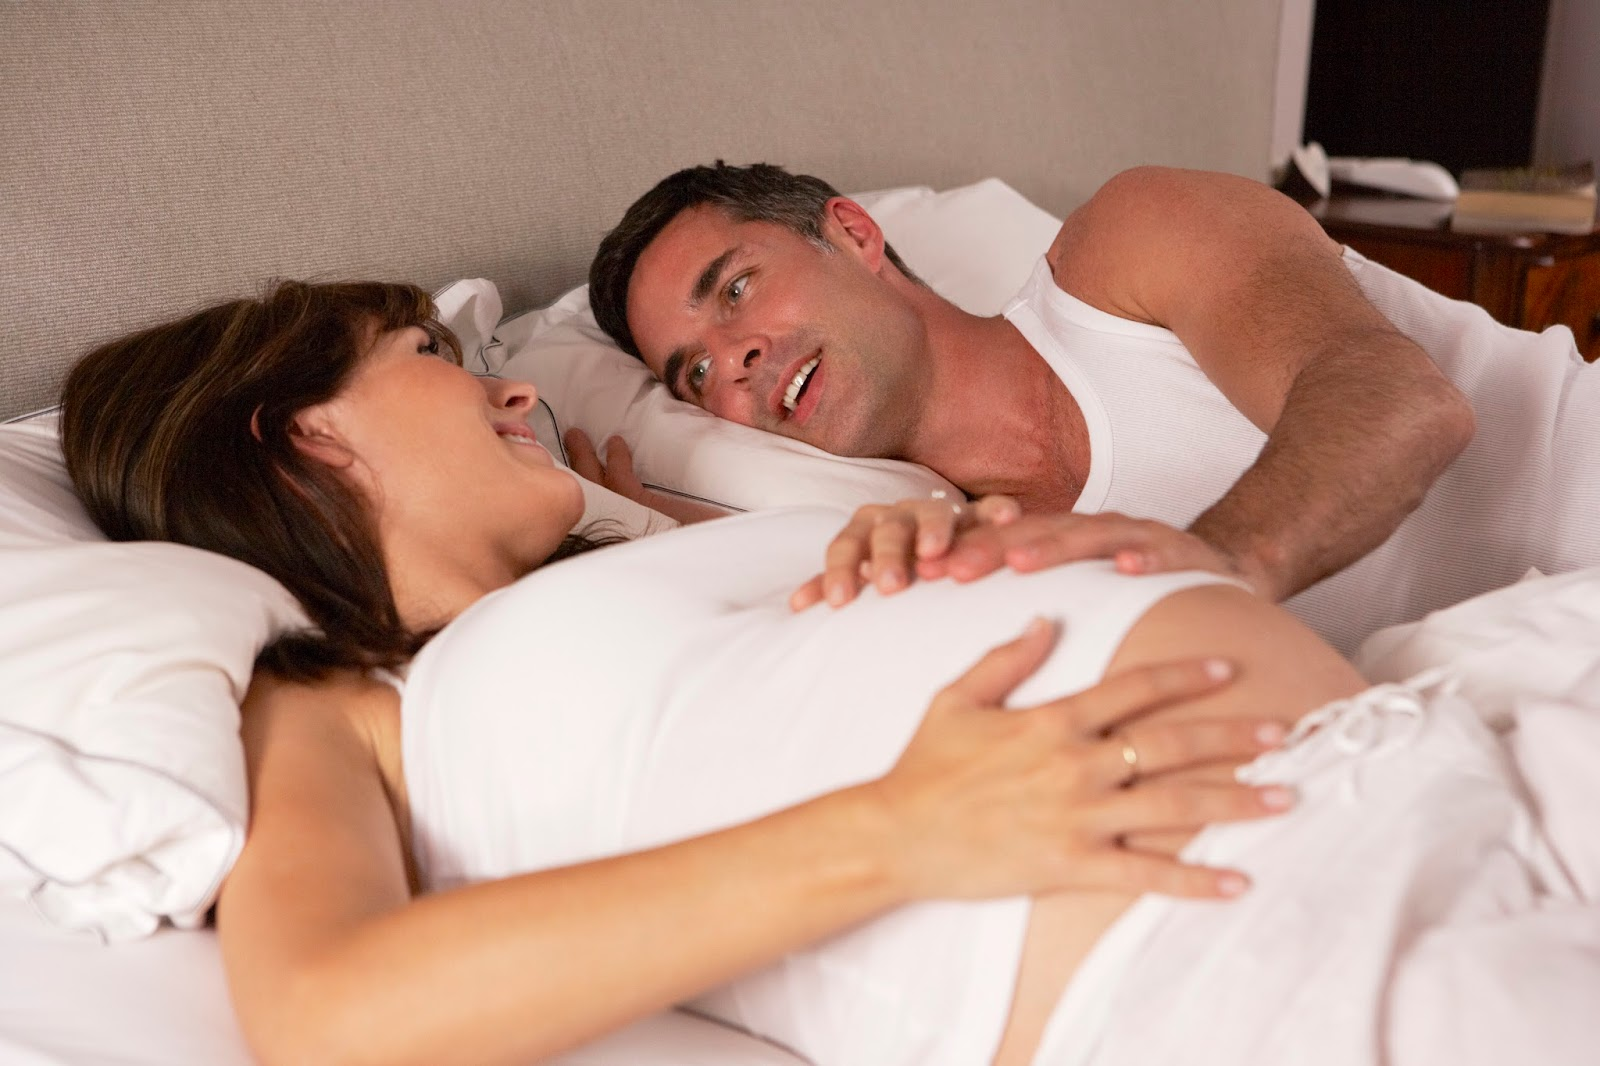 Чи можна займатися сексом під час вагітності: про що має знати жінка*